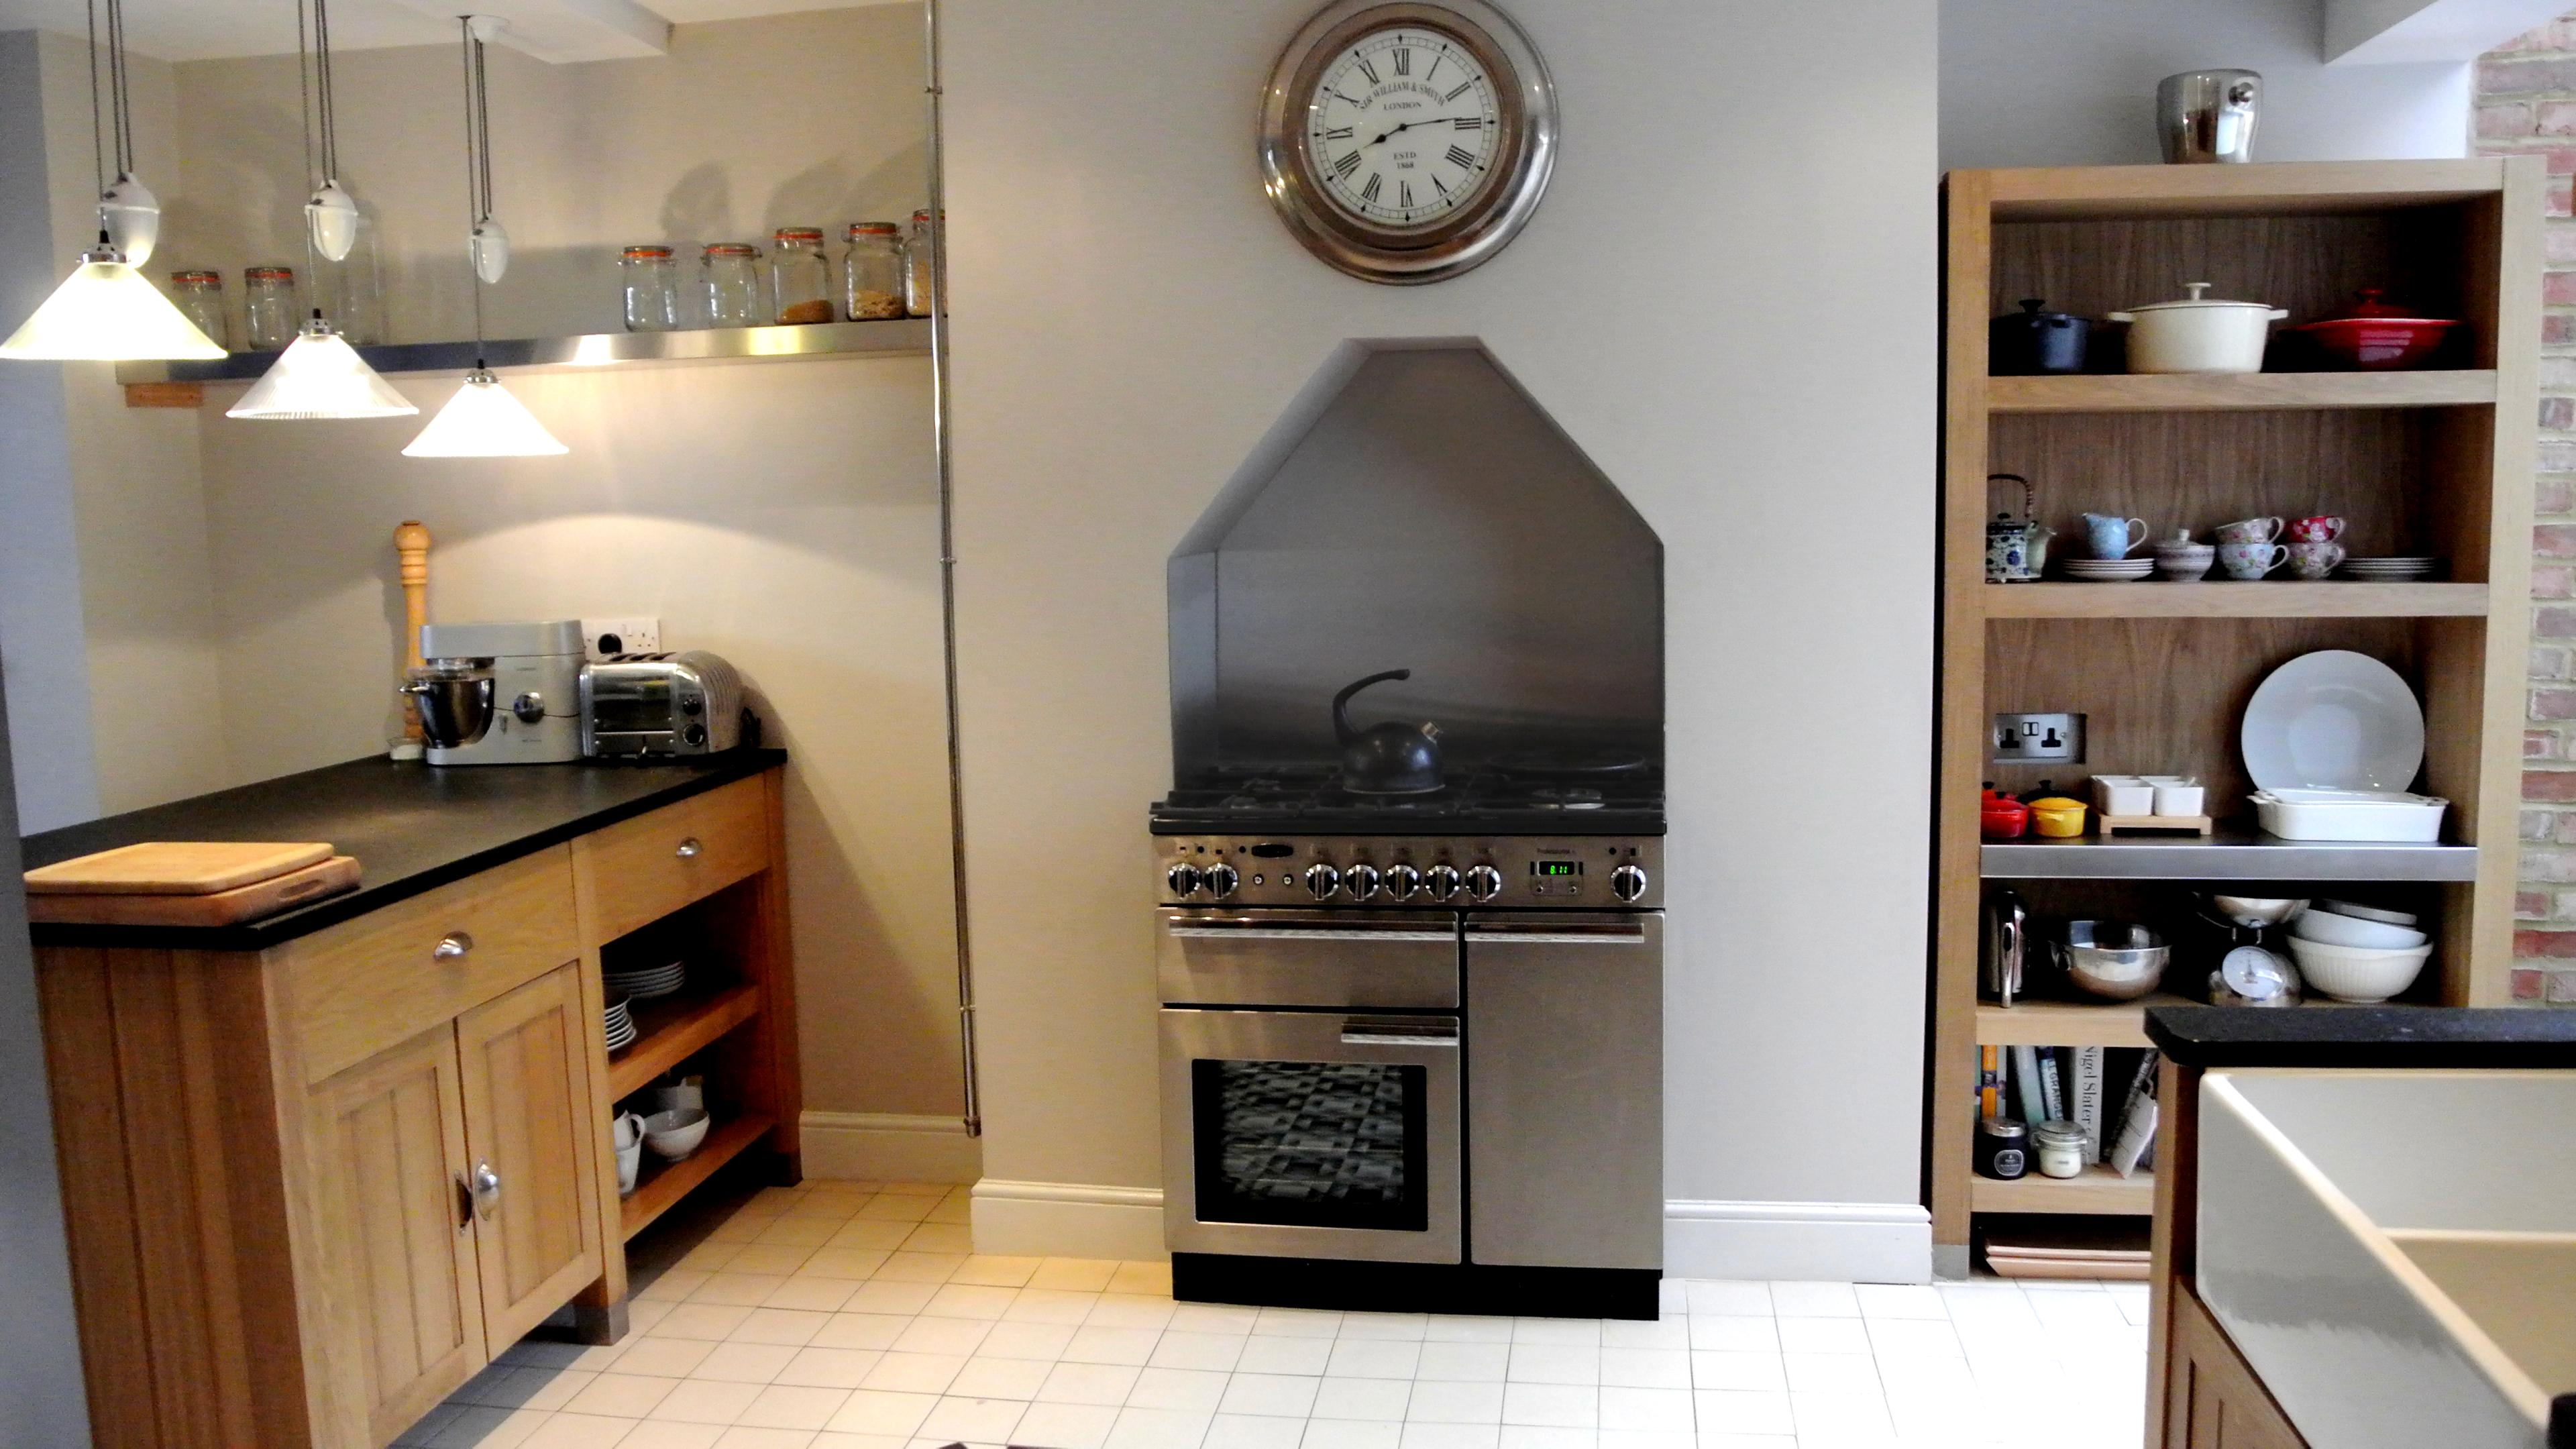 Bespoke Kitchen Furniture Inwood Design Bespoke Wooden Furniture